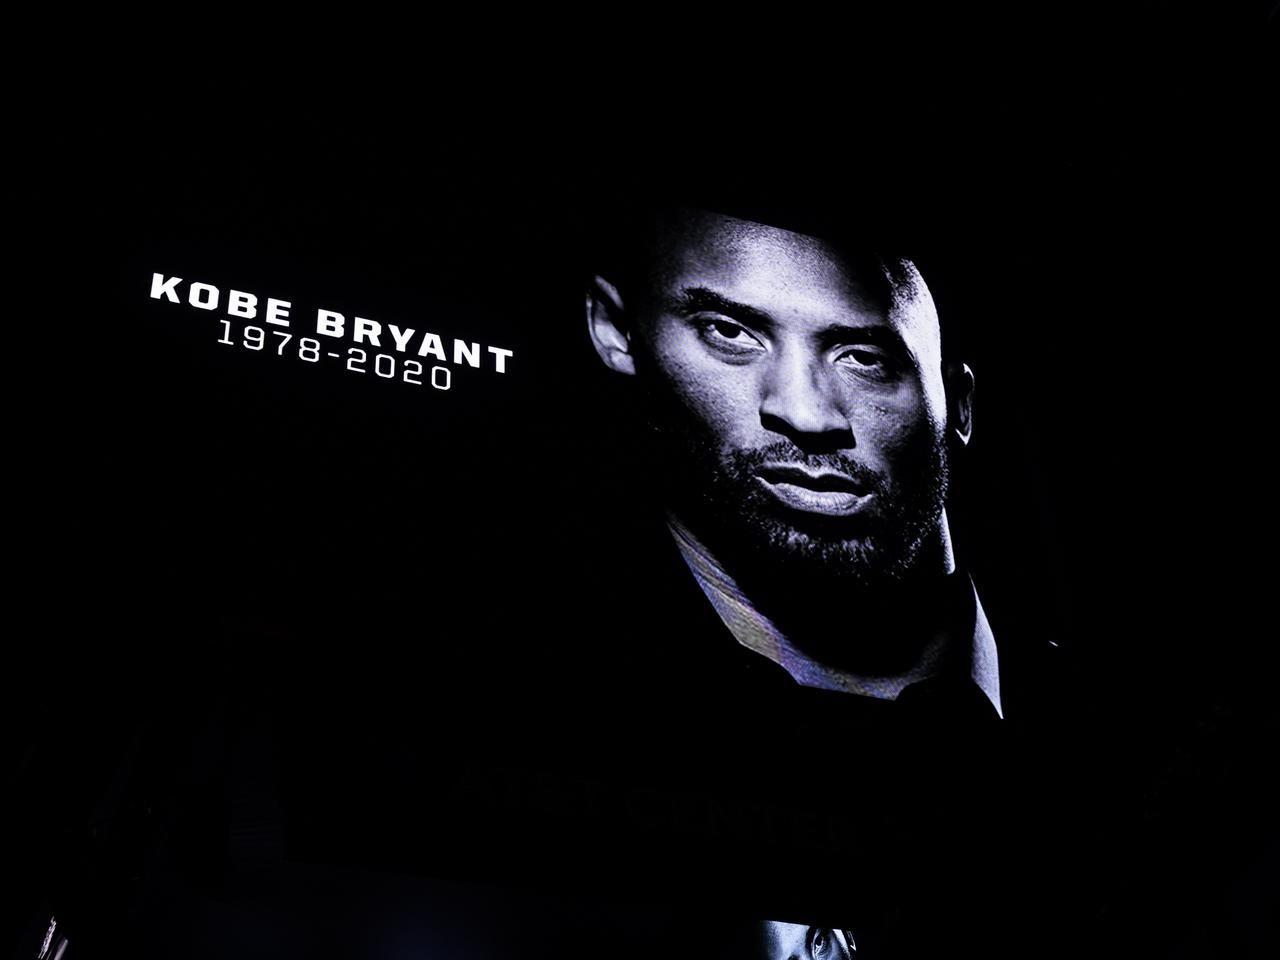 Anunciaron la muerte de Kobe Bryant en pleno partido de la NBA y todo el estadio hizo un conmovedor minuto de silencio